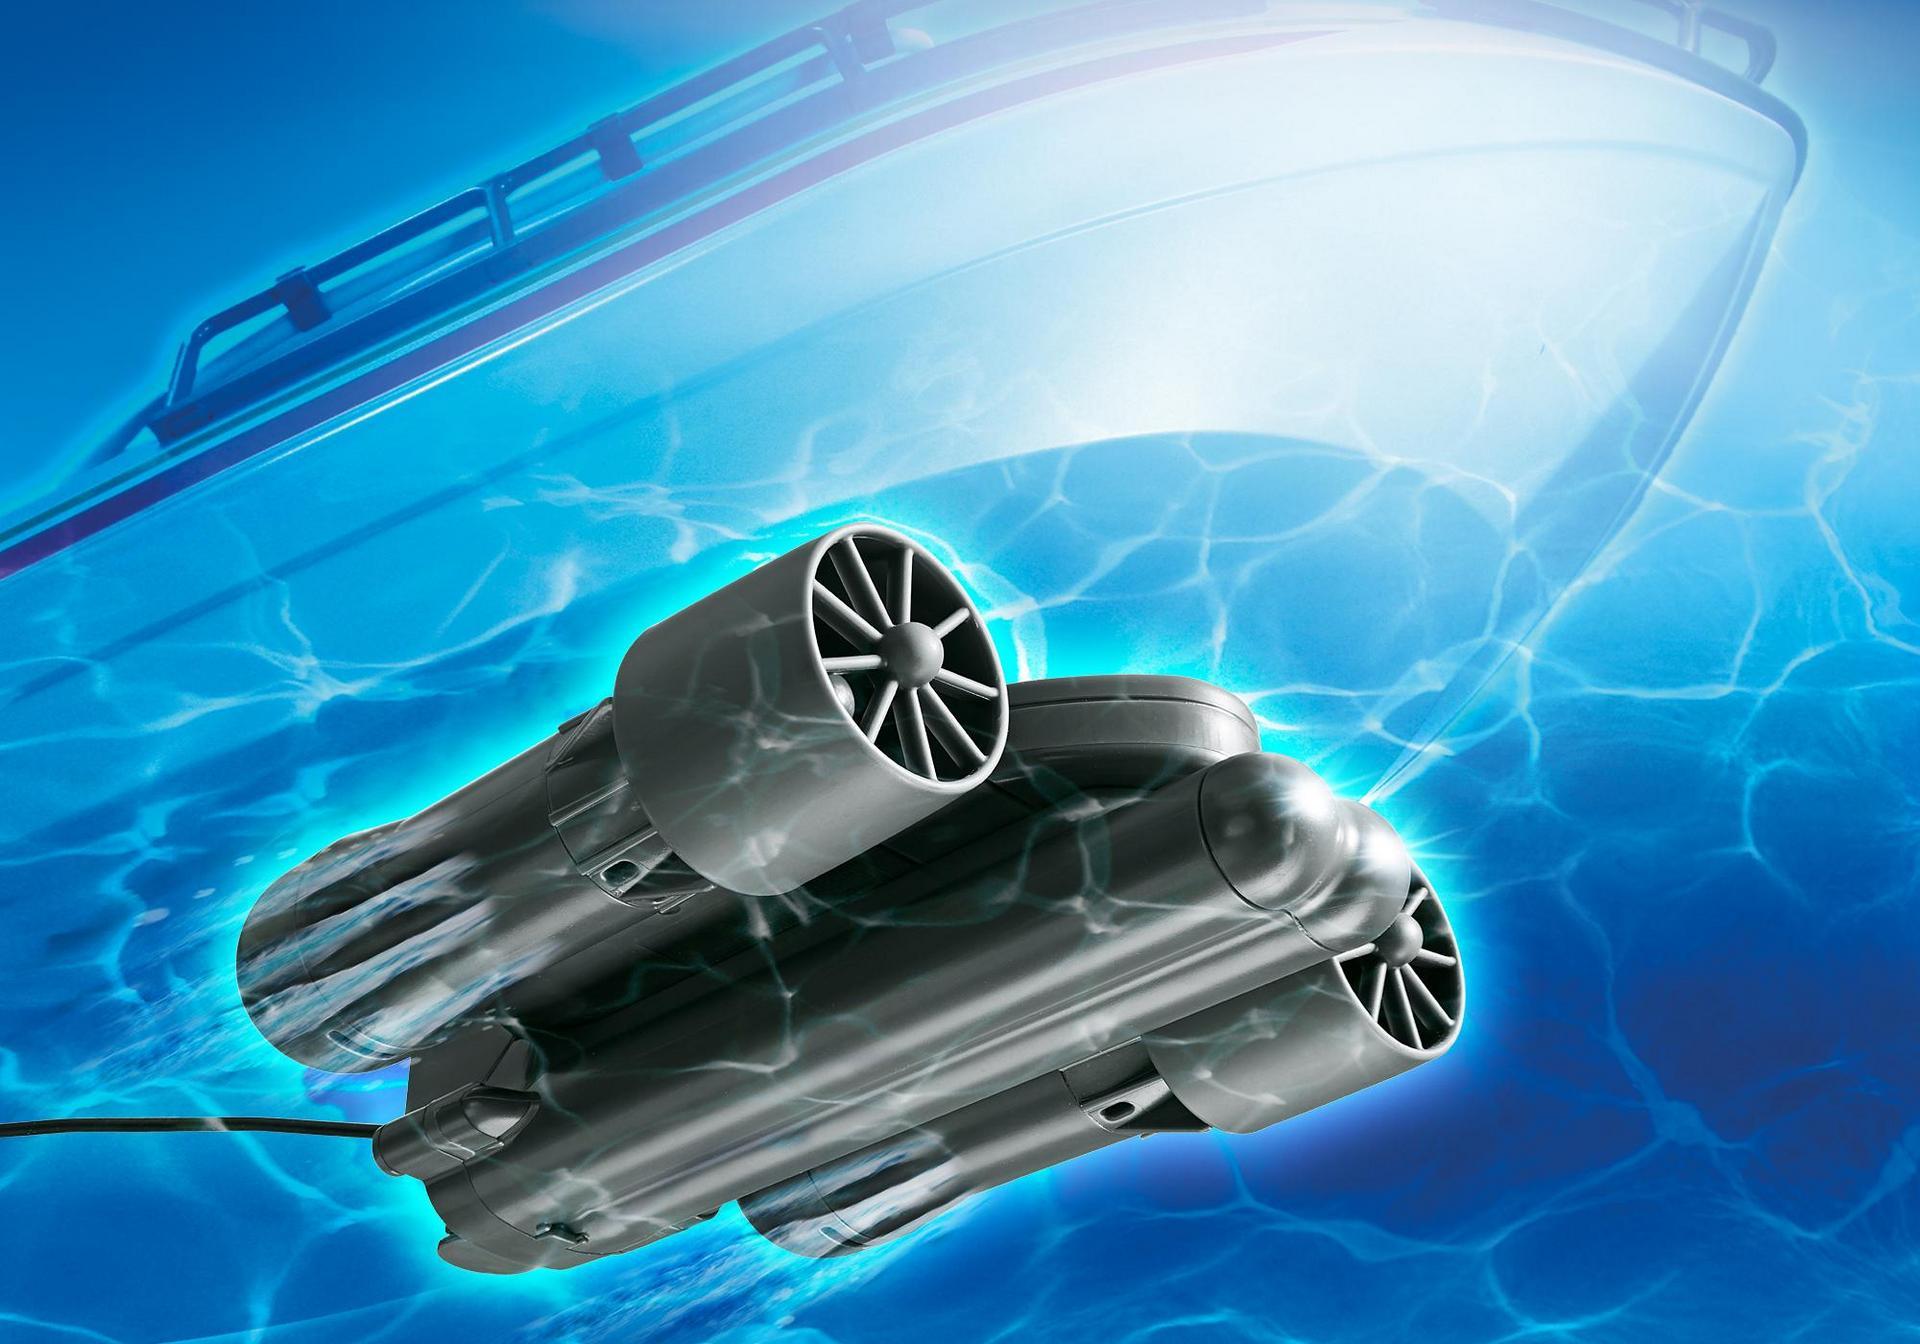 Rc Underwater Motor 5536 Playmobil Usa